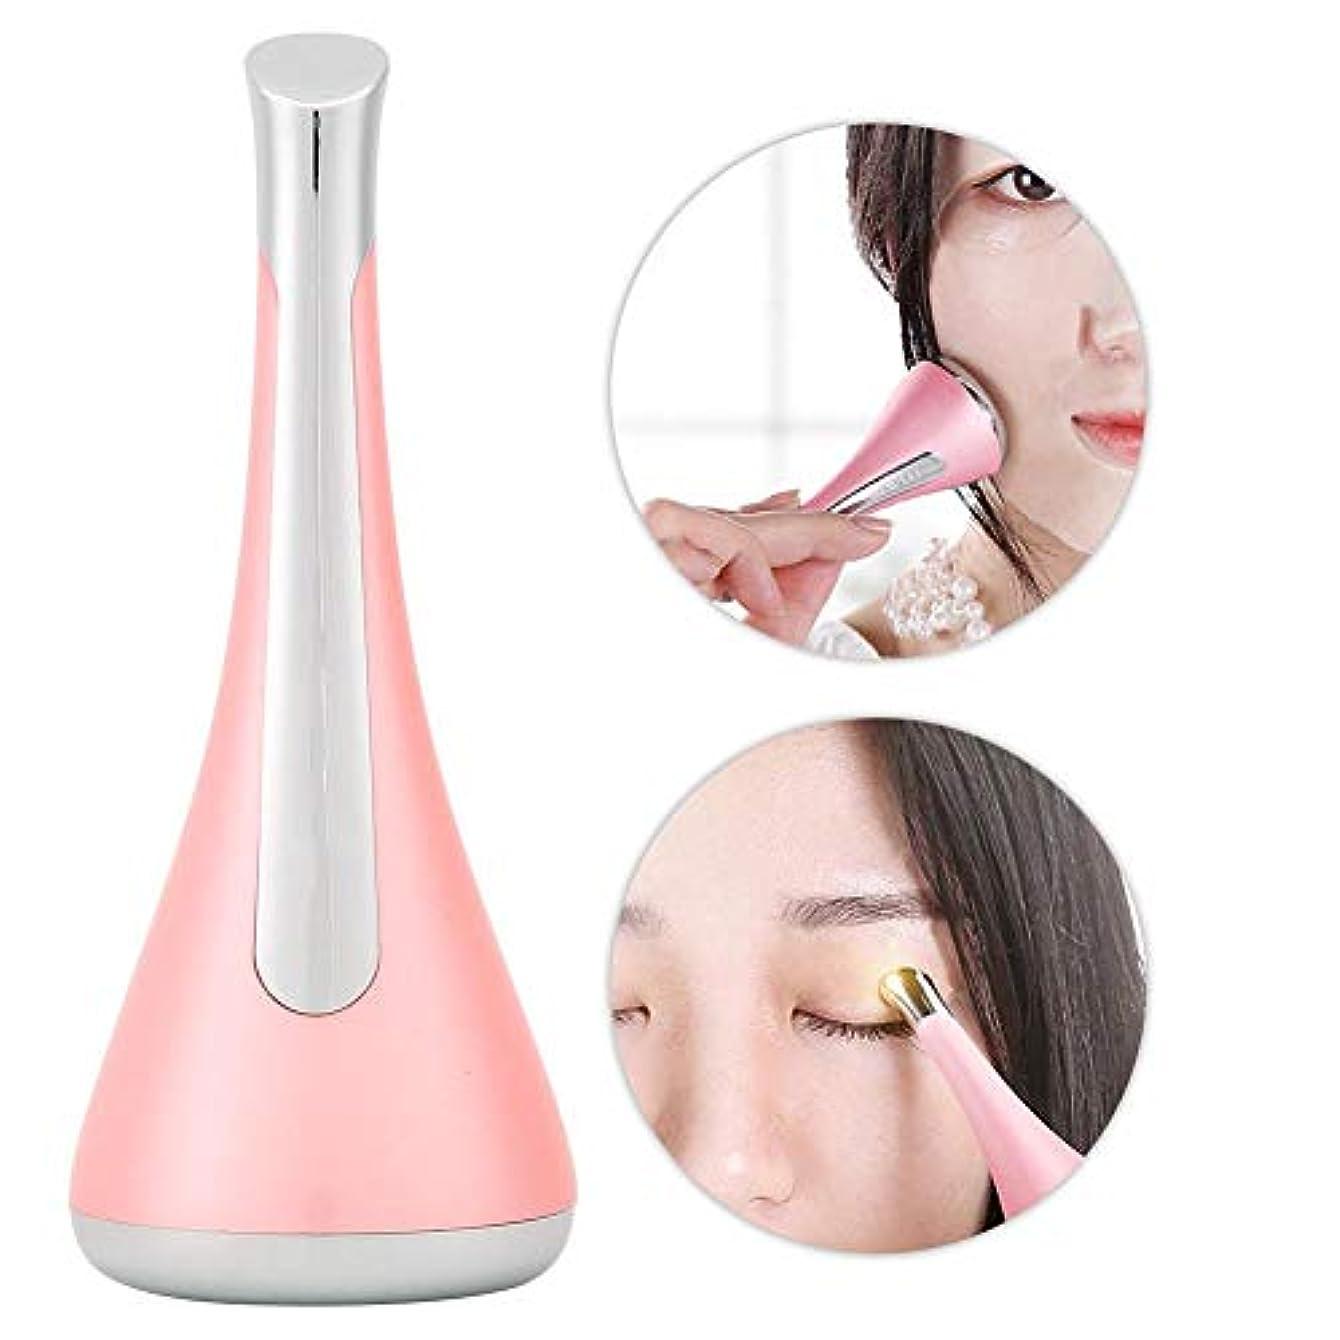 概念探検宿る美容機器磁気療法+イオン療法若返りエッセンス輸入機、顔の輪郭完璧な顔のケアと復活